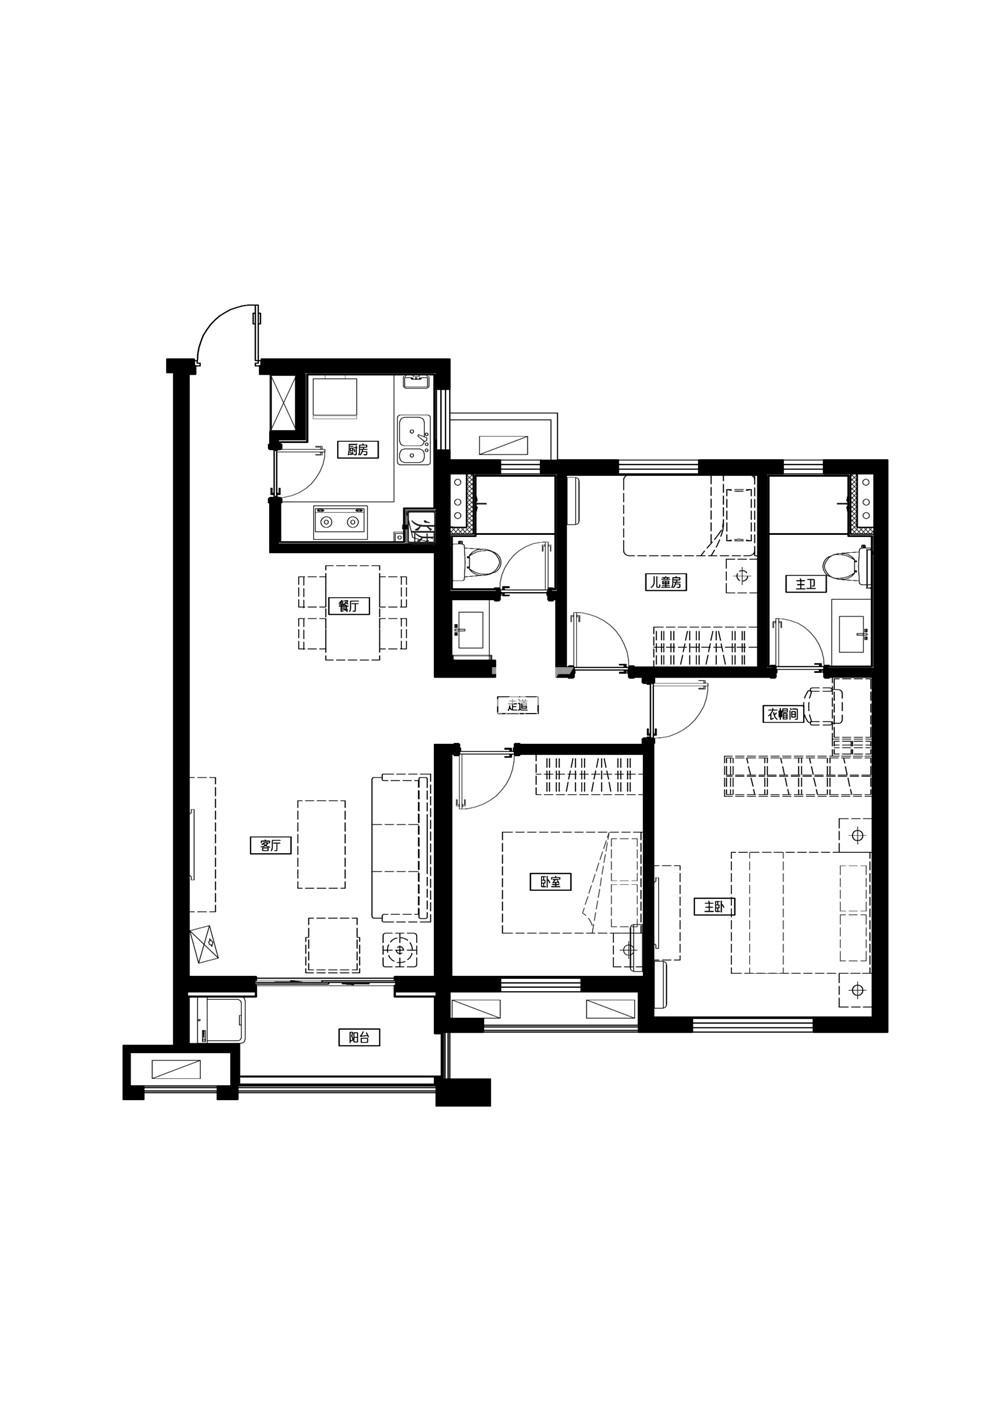 万科城一期标准层B2户型  110平方米  3室2厅2卫1厨